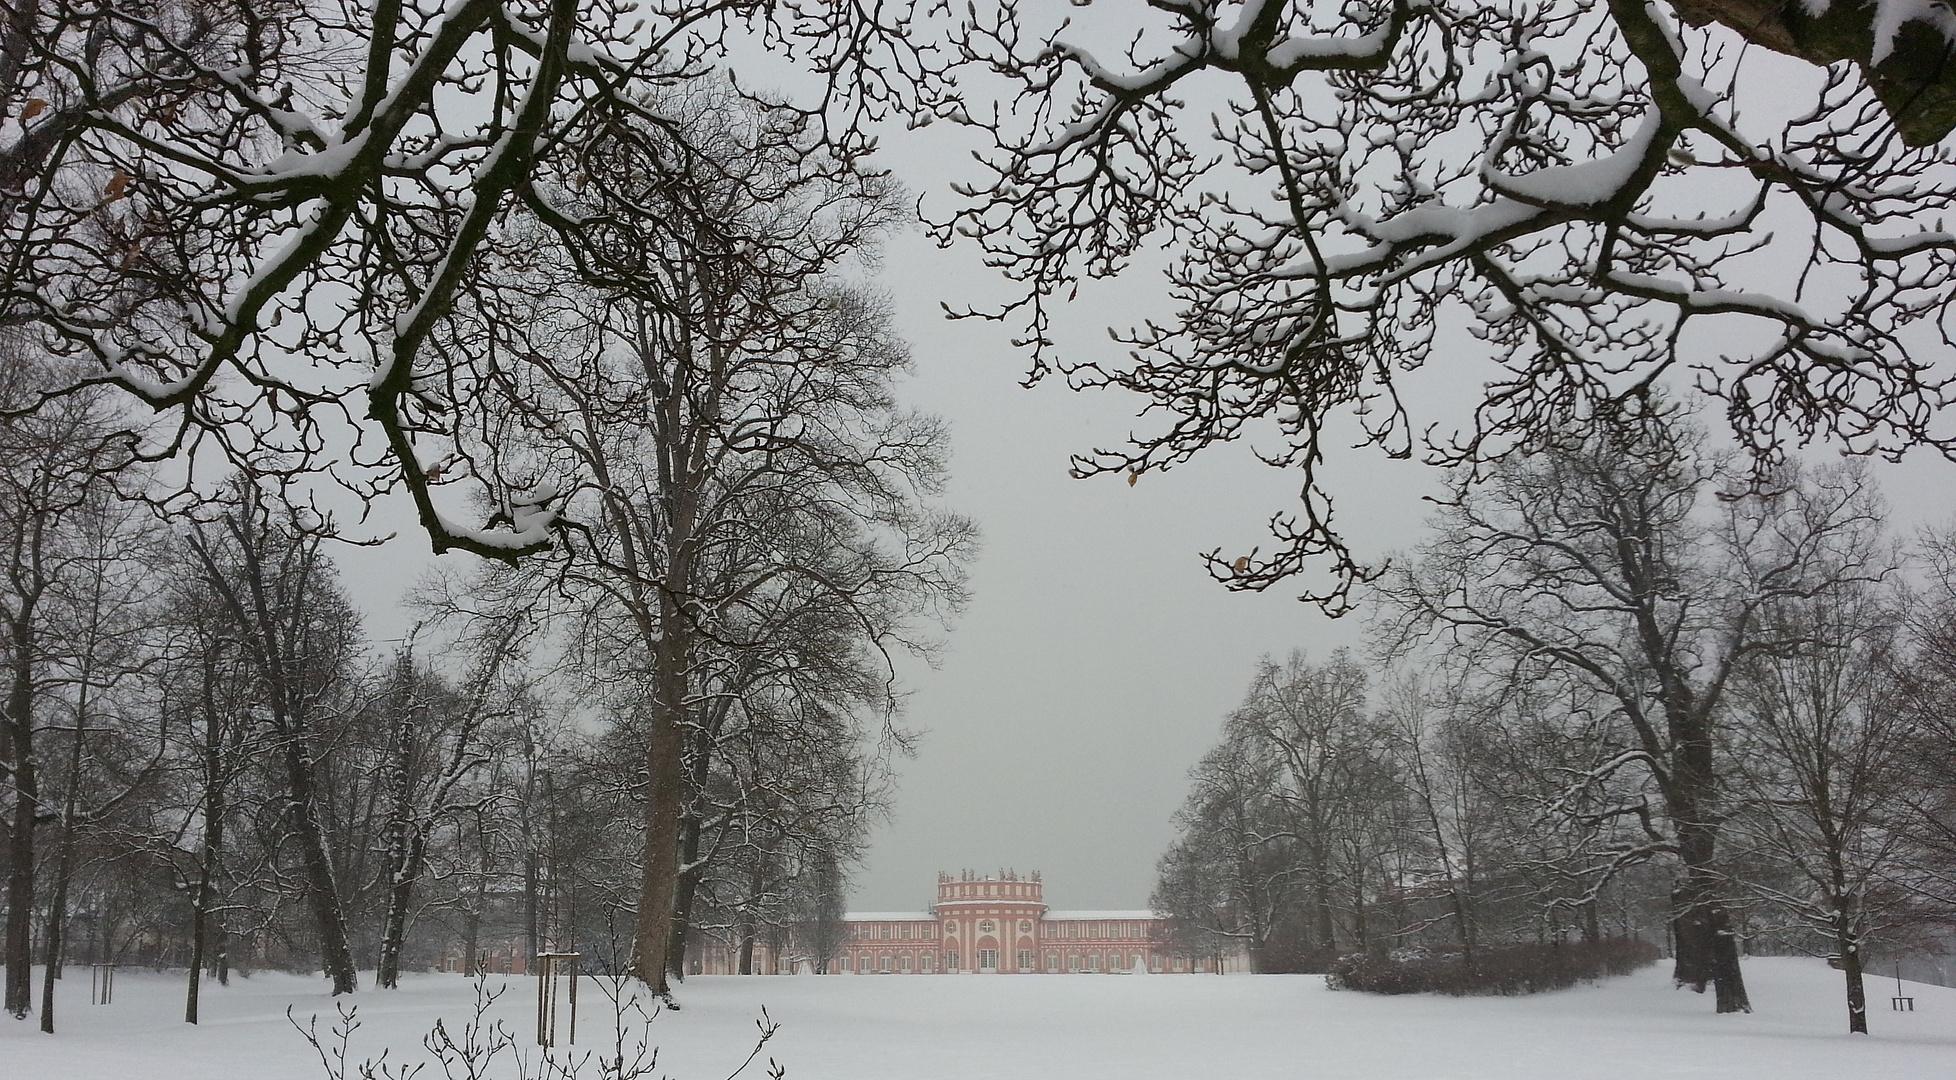 Wintereinbruch im Biebricher Schlosspark 2